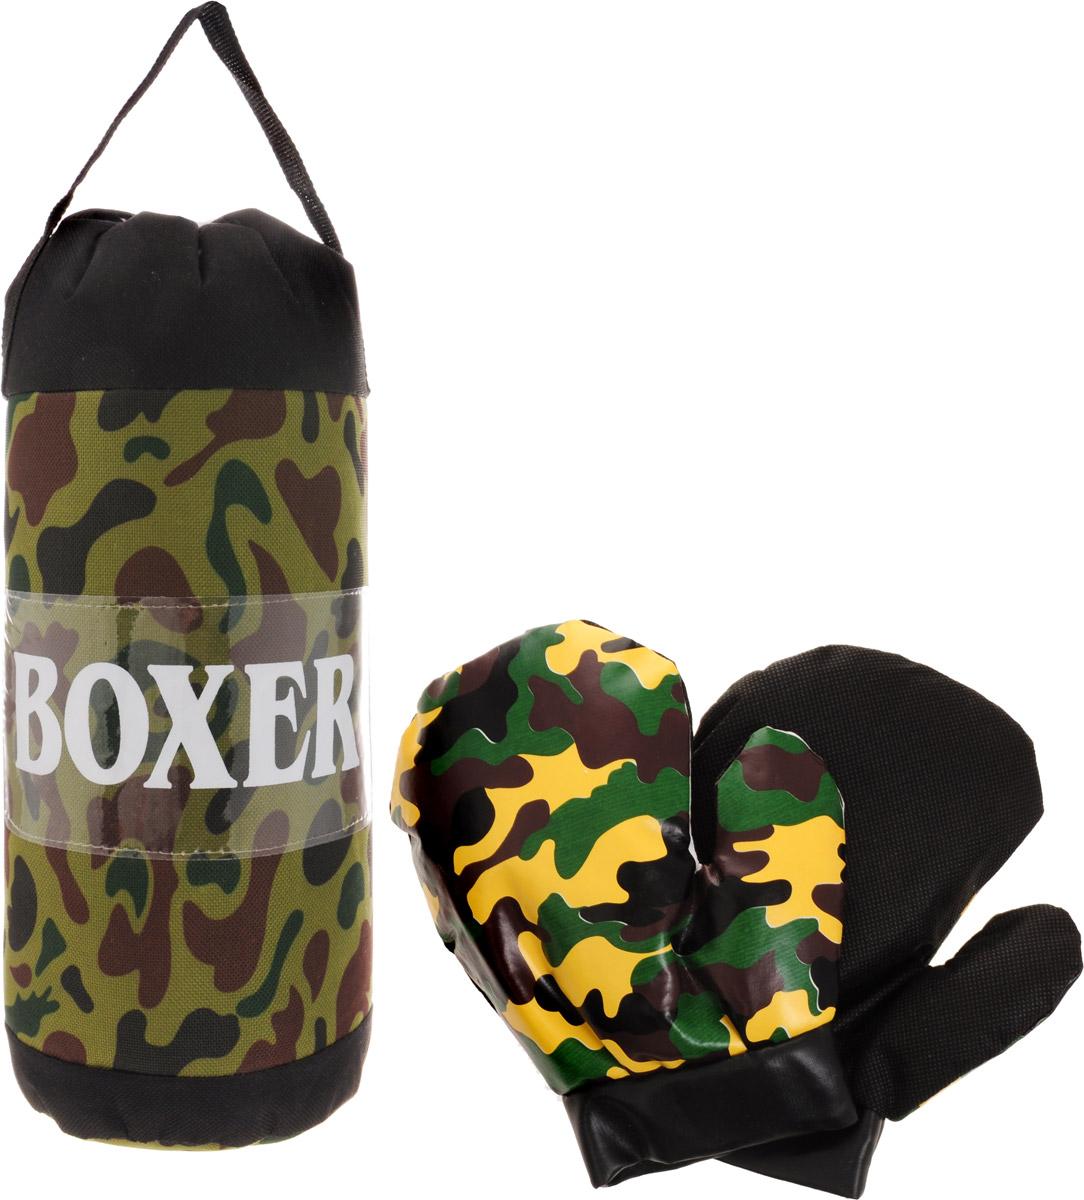 Junfa Toys Игровой набор Boxer цвет камуфляж